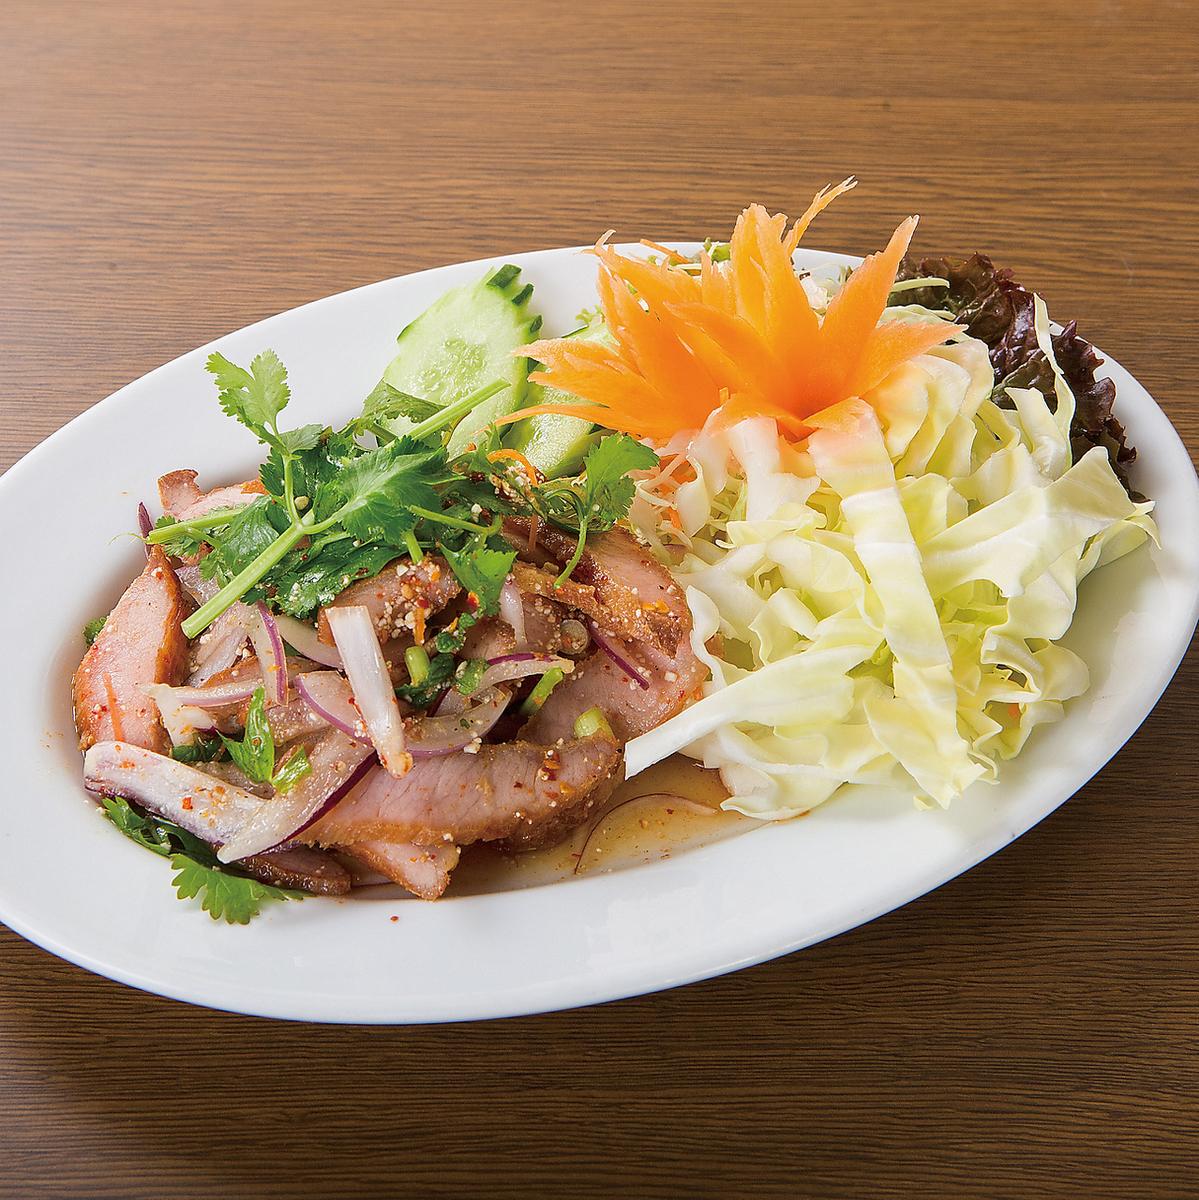 猪肉和香草辣沙拉/鸡肉碎剁碎的沙拉